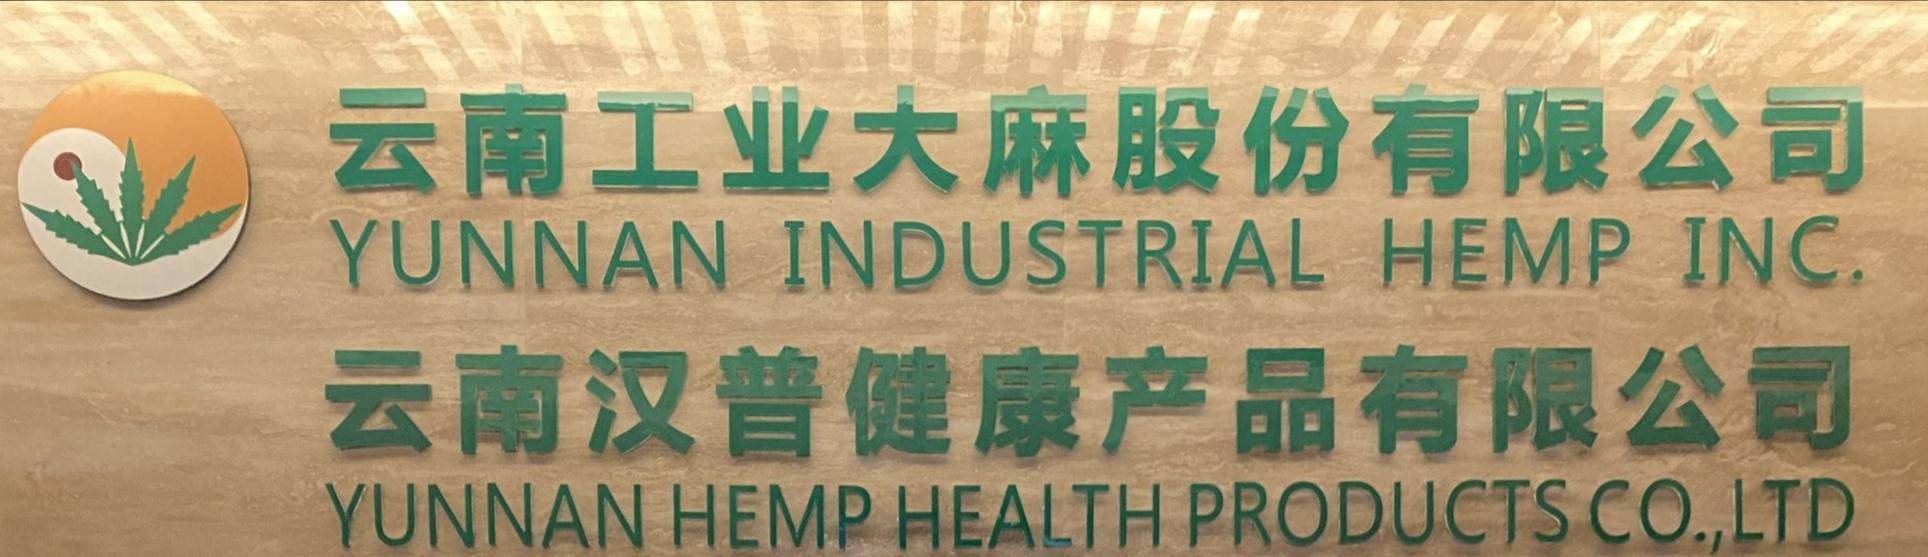 集团董事长李旻谦带队赴云南工业大麻股份有限公司参观学习